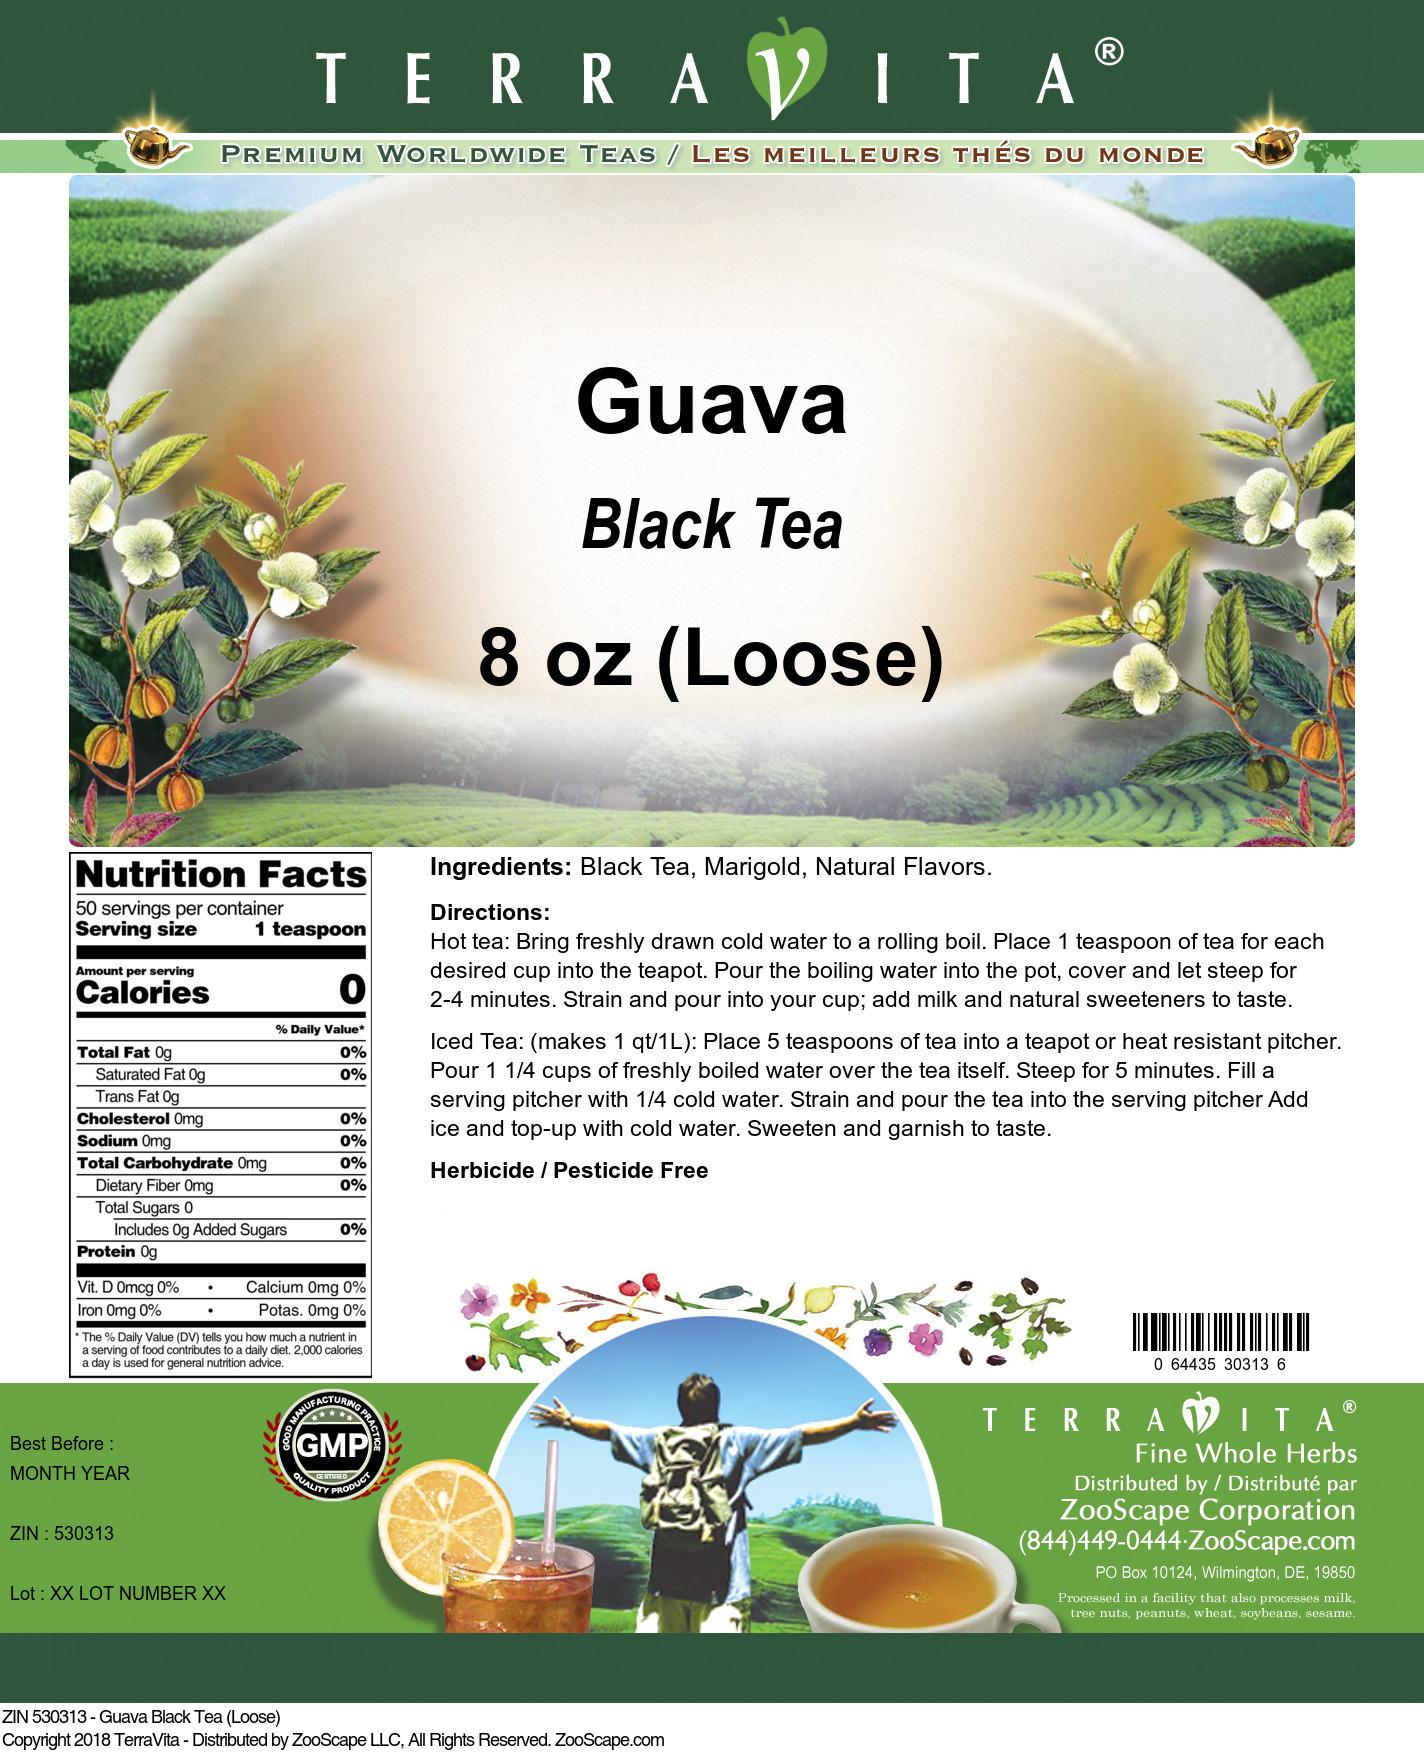 Guava Black Tea (Loose)